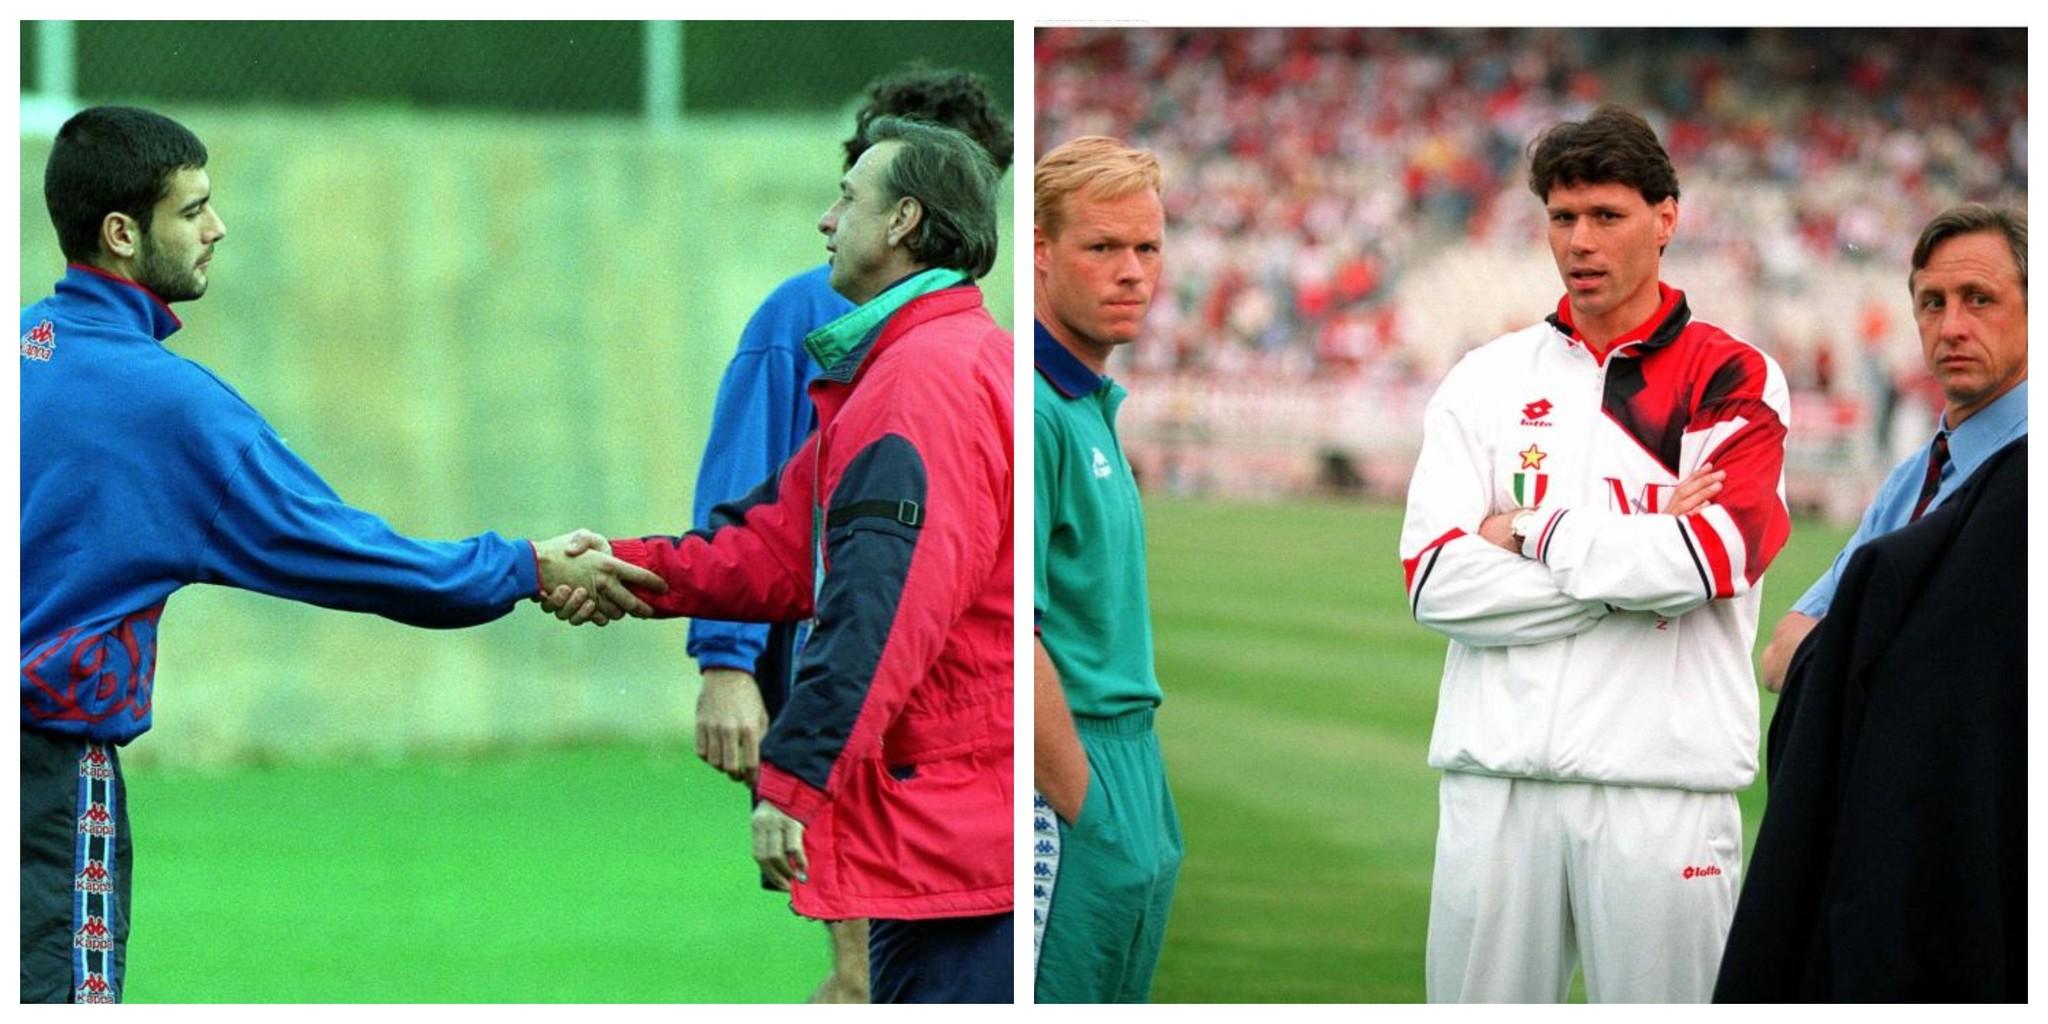 El entrenador holandés fue un referente para muchos de los jugadores a los que entrenó.